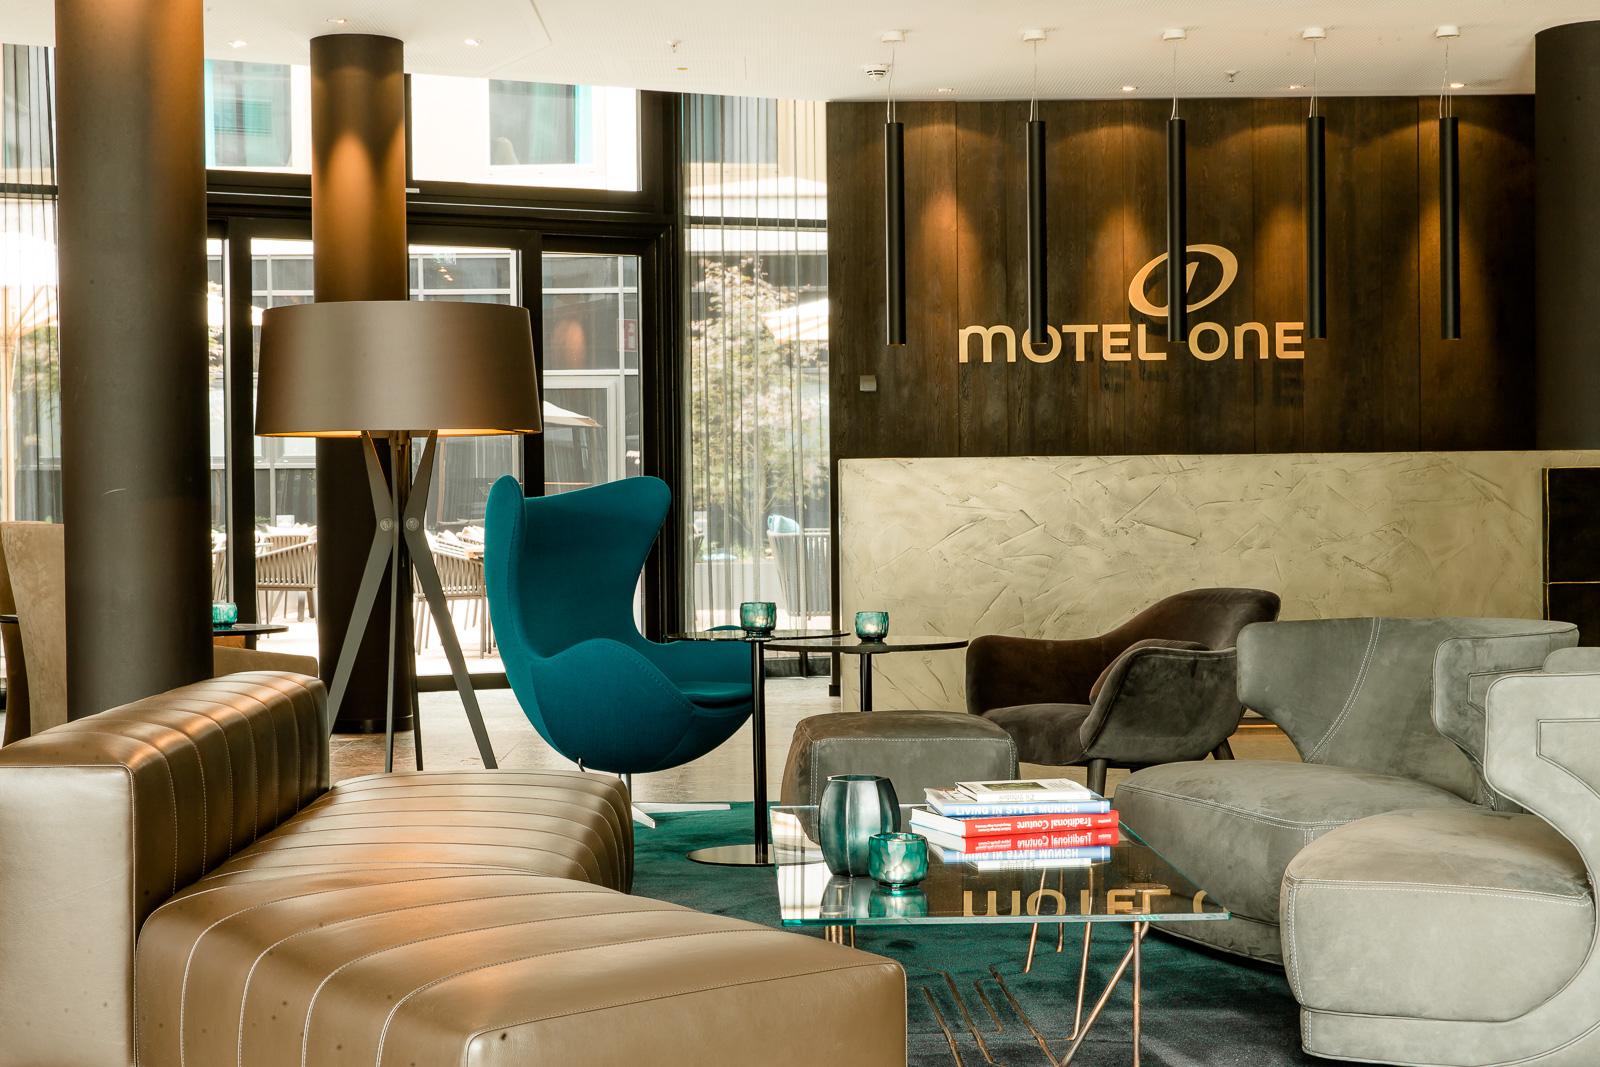 motel one lounge sessel kaufen. Black Bedroom Furniture Sets. Home Design Ideas